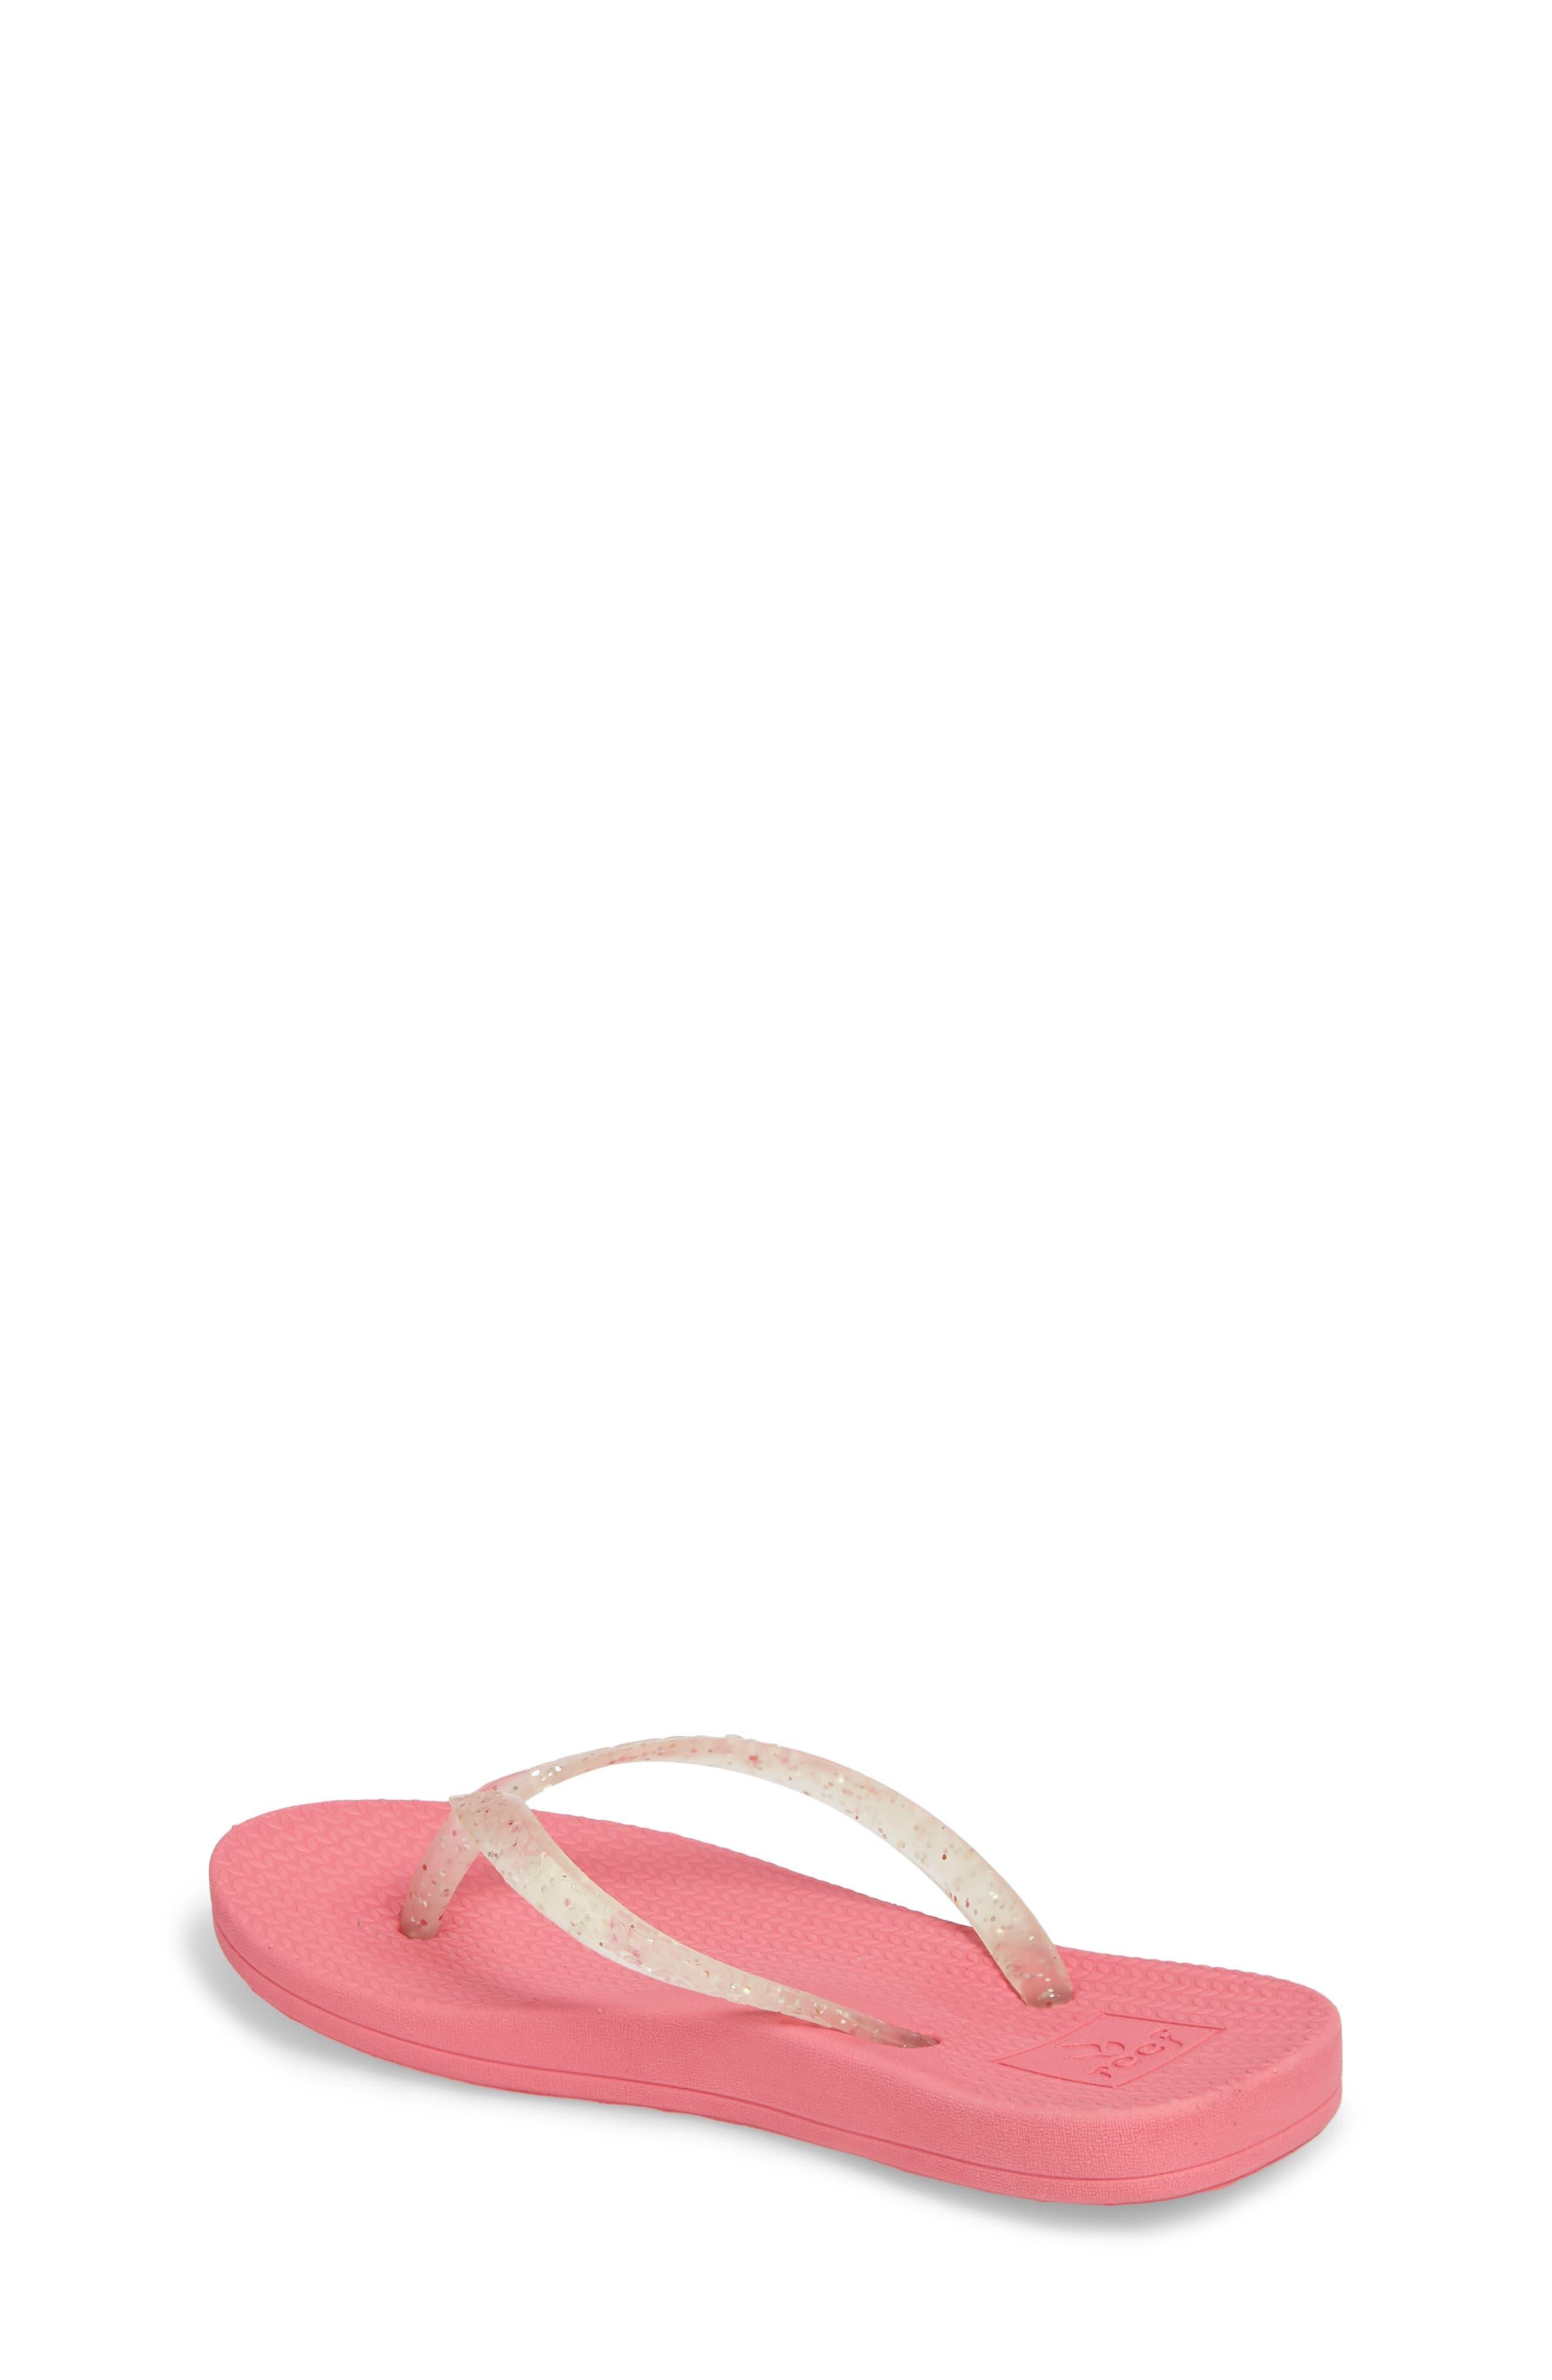 Little Reef Escape Shimmer Flip Flops,                             Alternate thumbnail 2, color,                             Pink